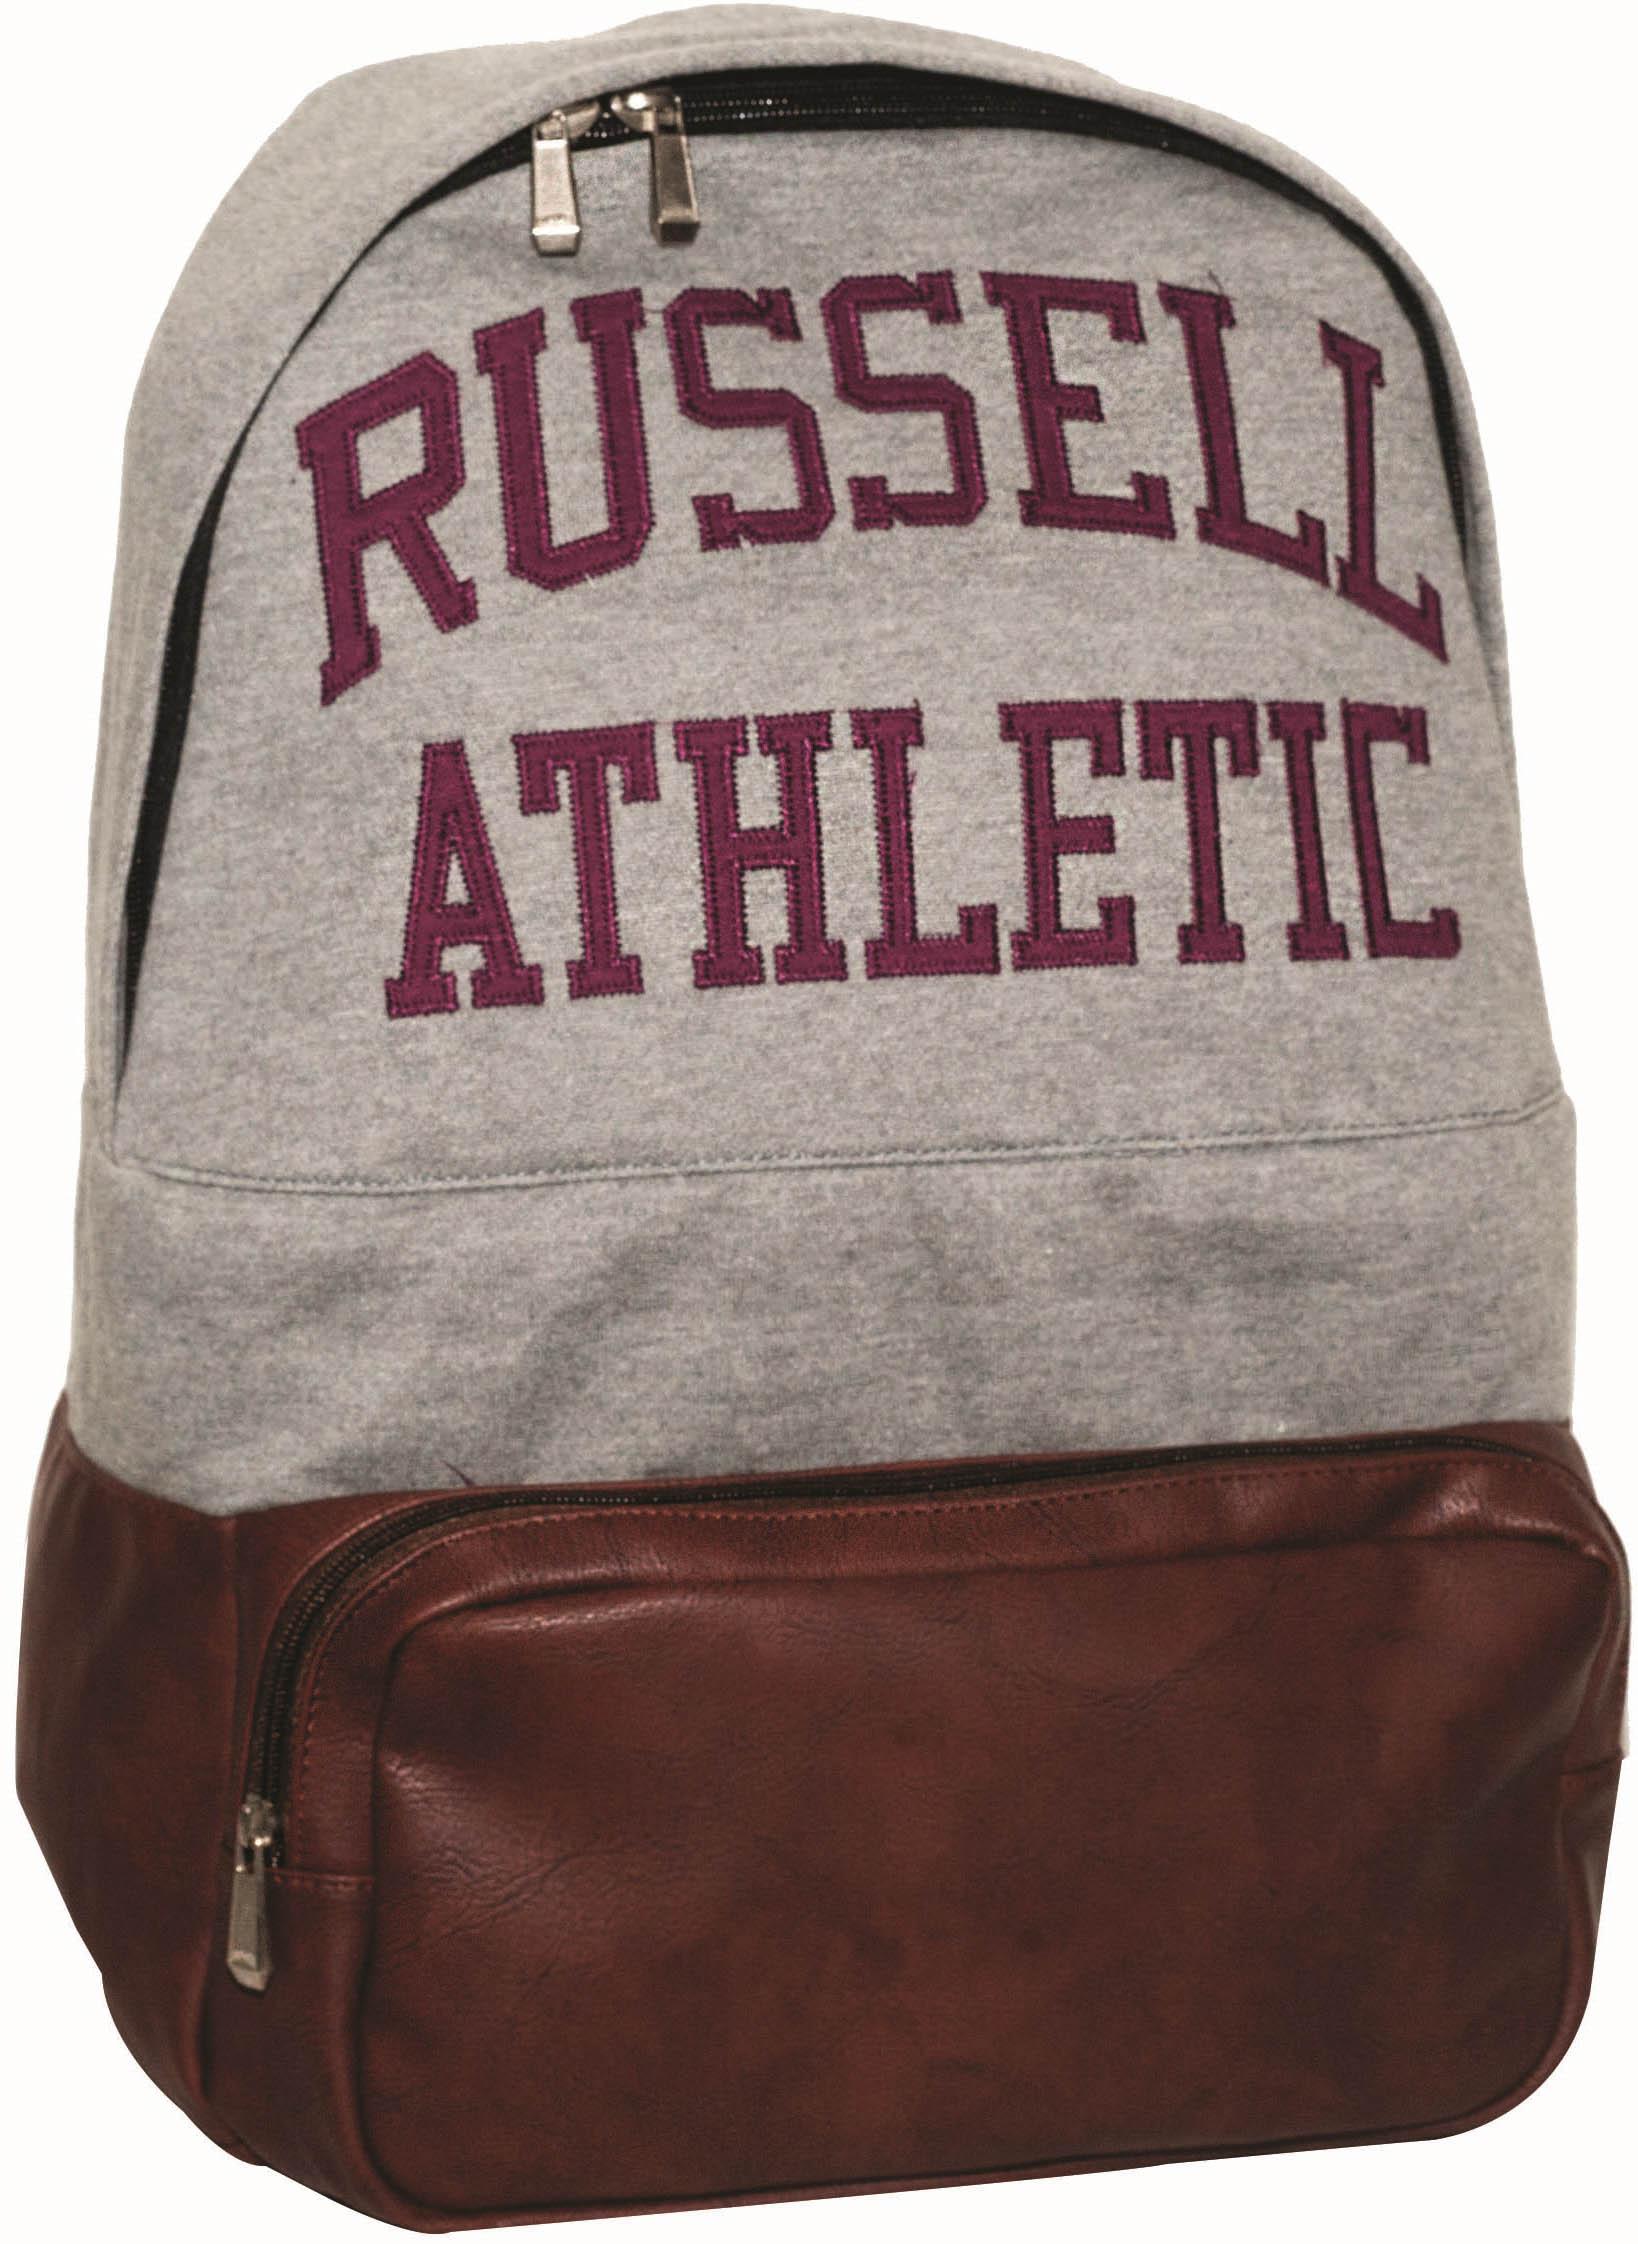 Τσαντα Πλατης Russell Athletic 391-63721 RAZ59 Γκρι/Μπορντό